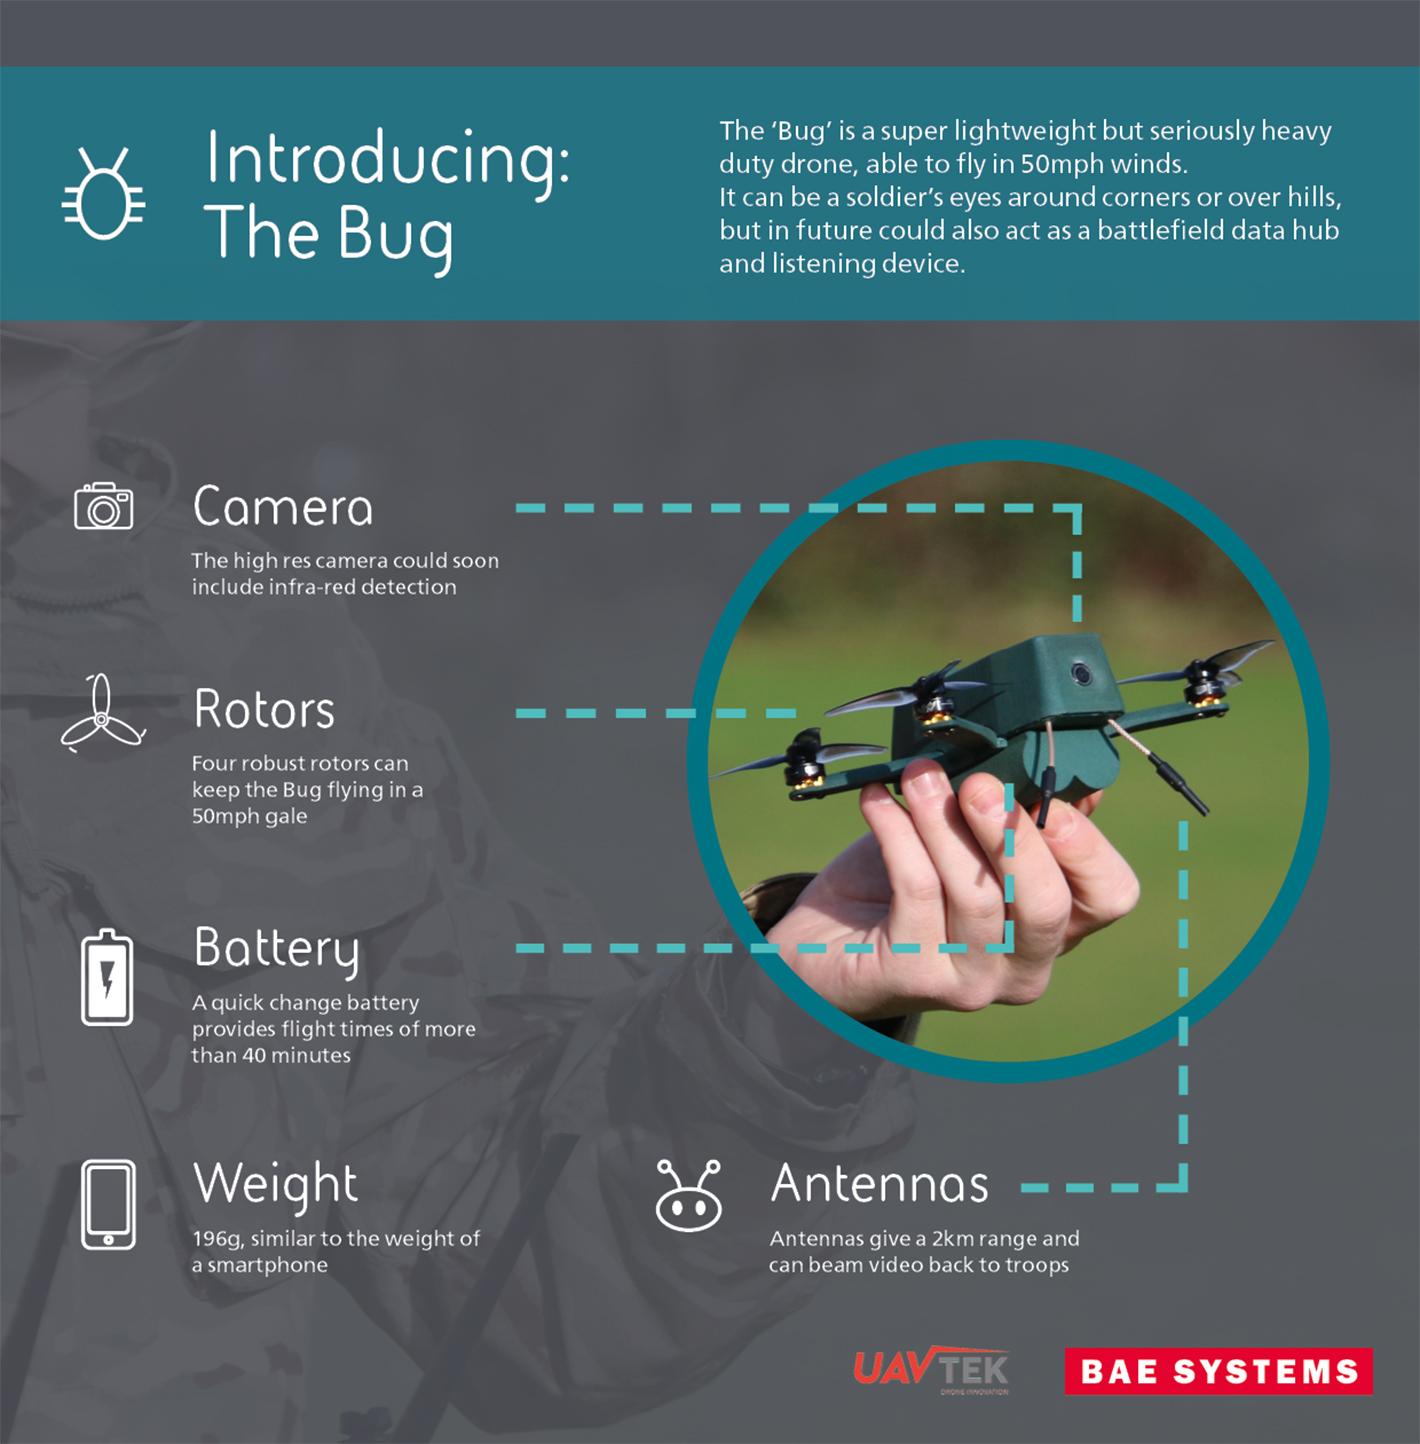 Британська армія отримала перші 30 новітні наноБПЛА Bug